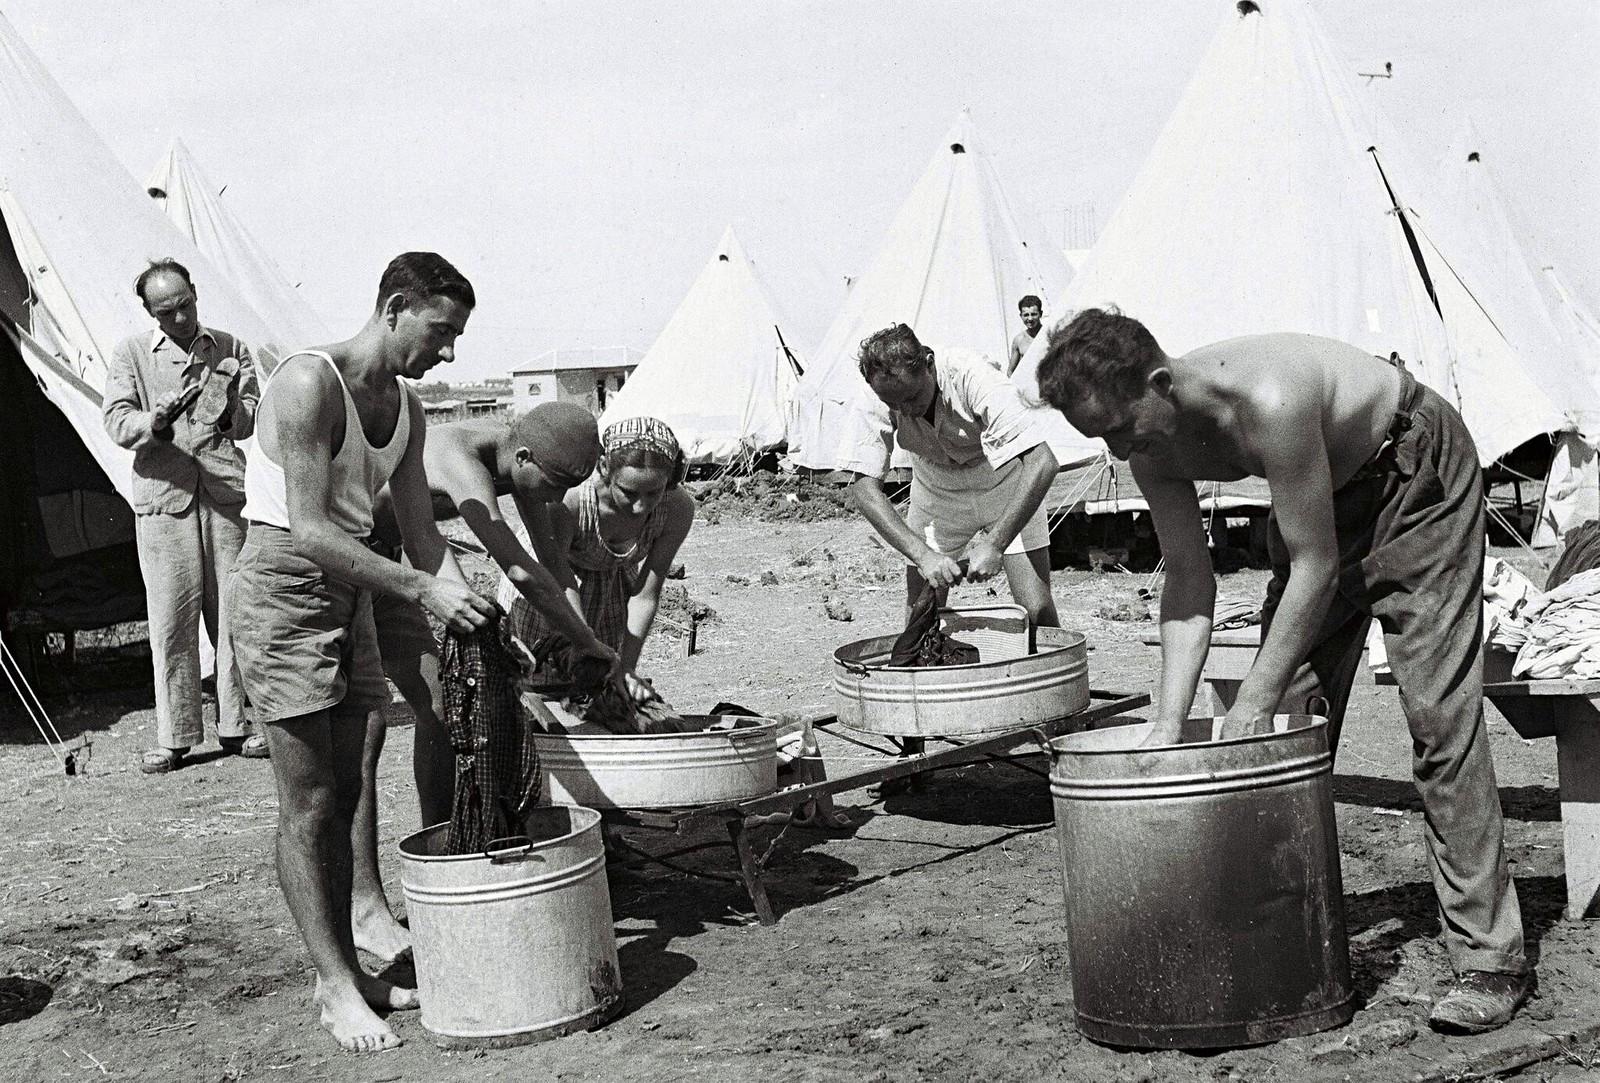 11. Новые еврейские иммигранты стирают свою одежду в своем палаточном лагере 1 марта в кибуце Наан